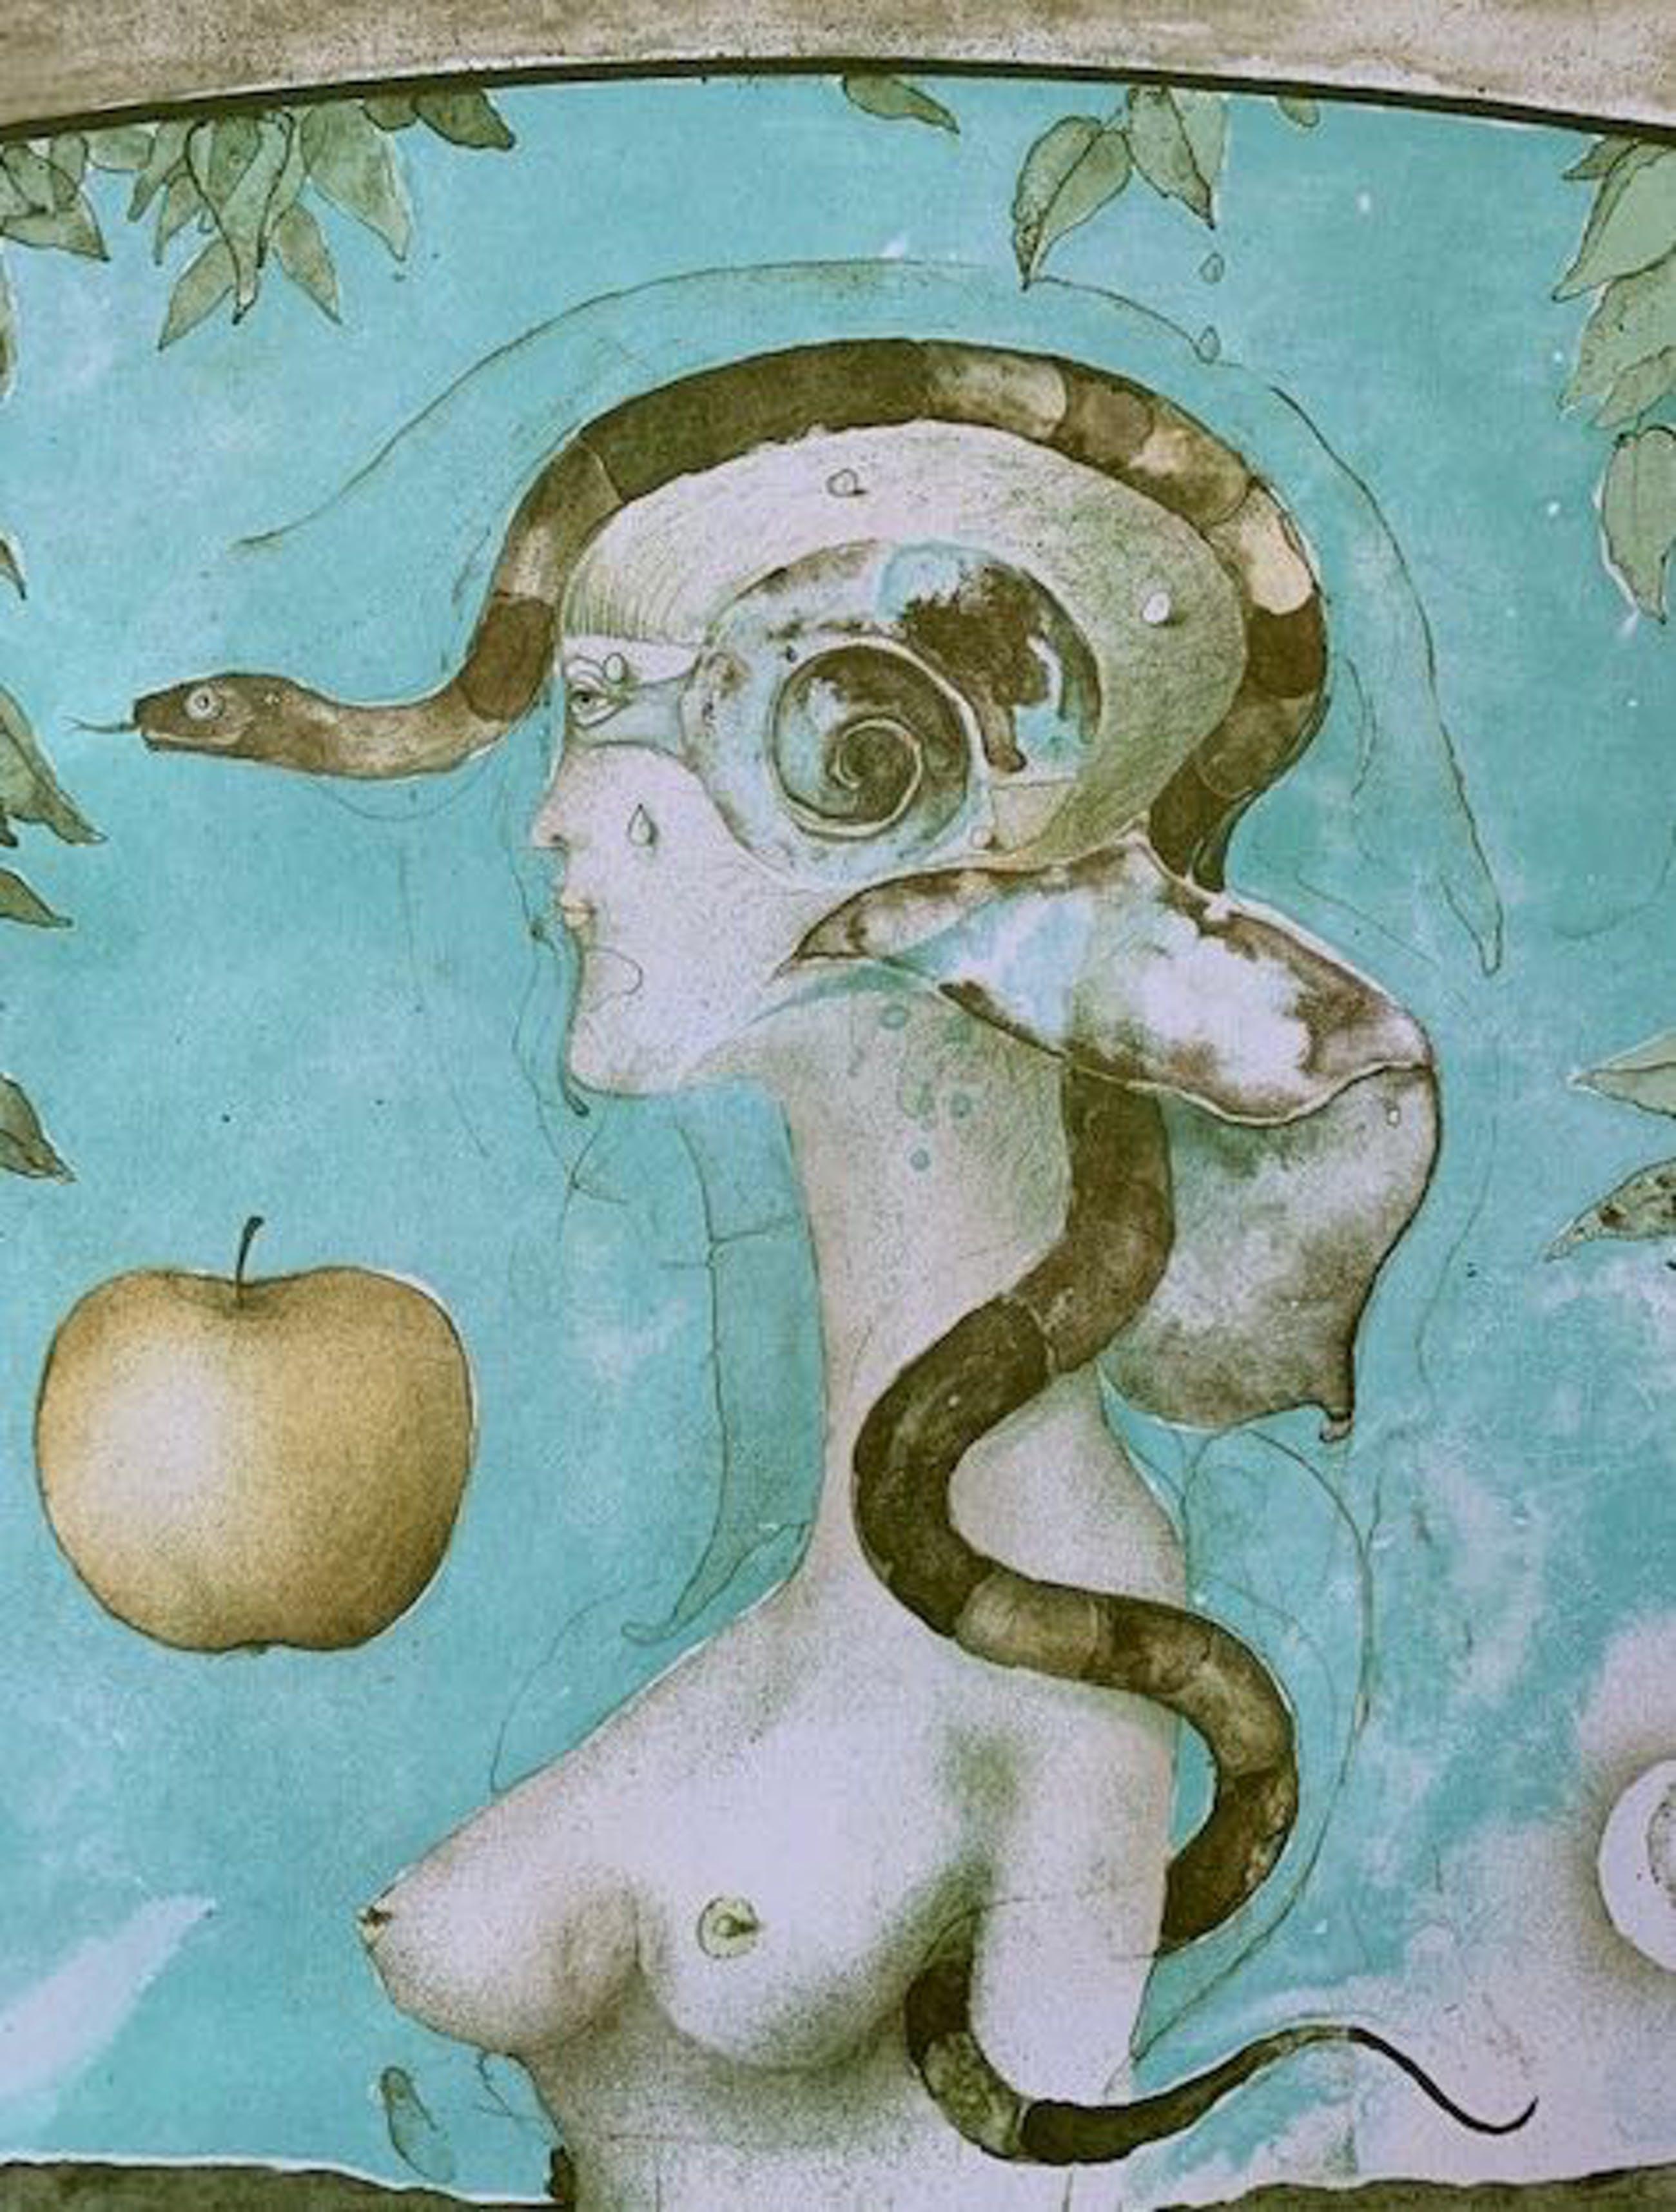 Vladimir Suchanek - Naakte vrouw met slang en appel. kopen? Bied vanaf 15!